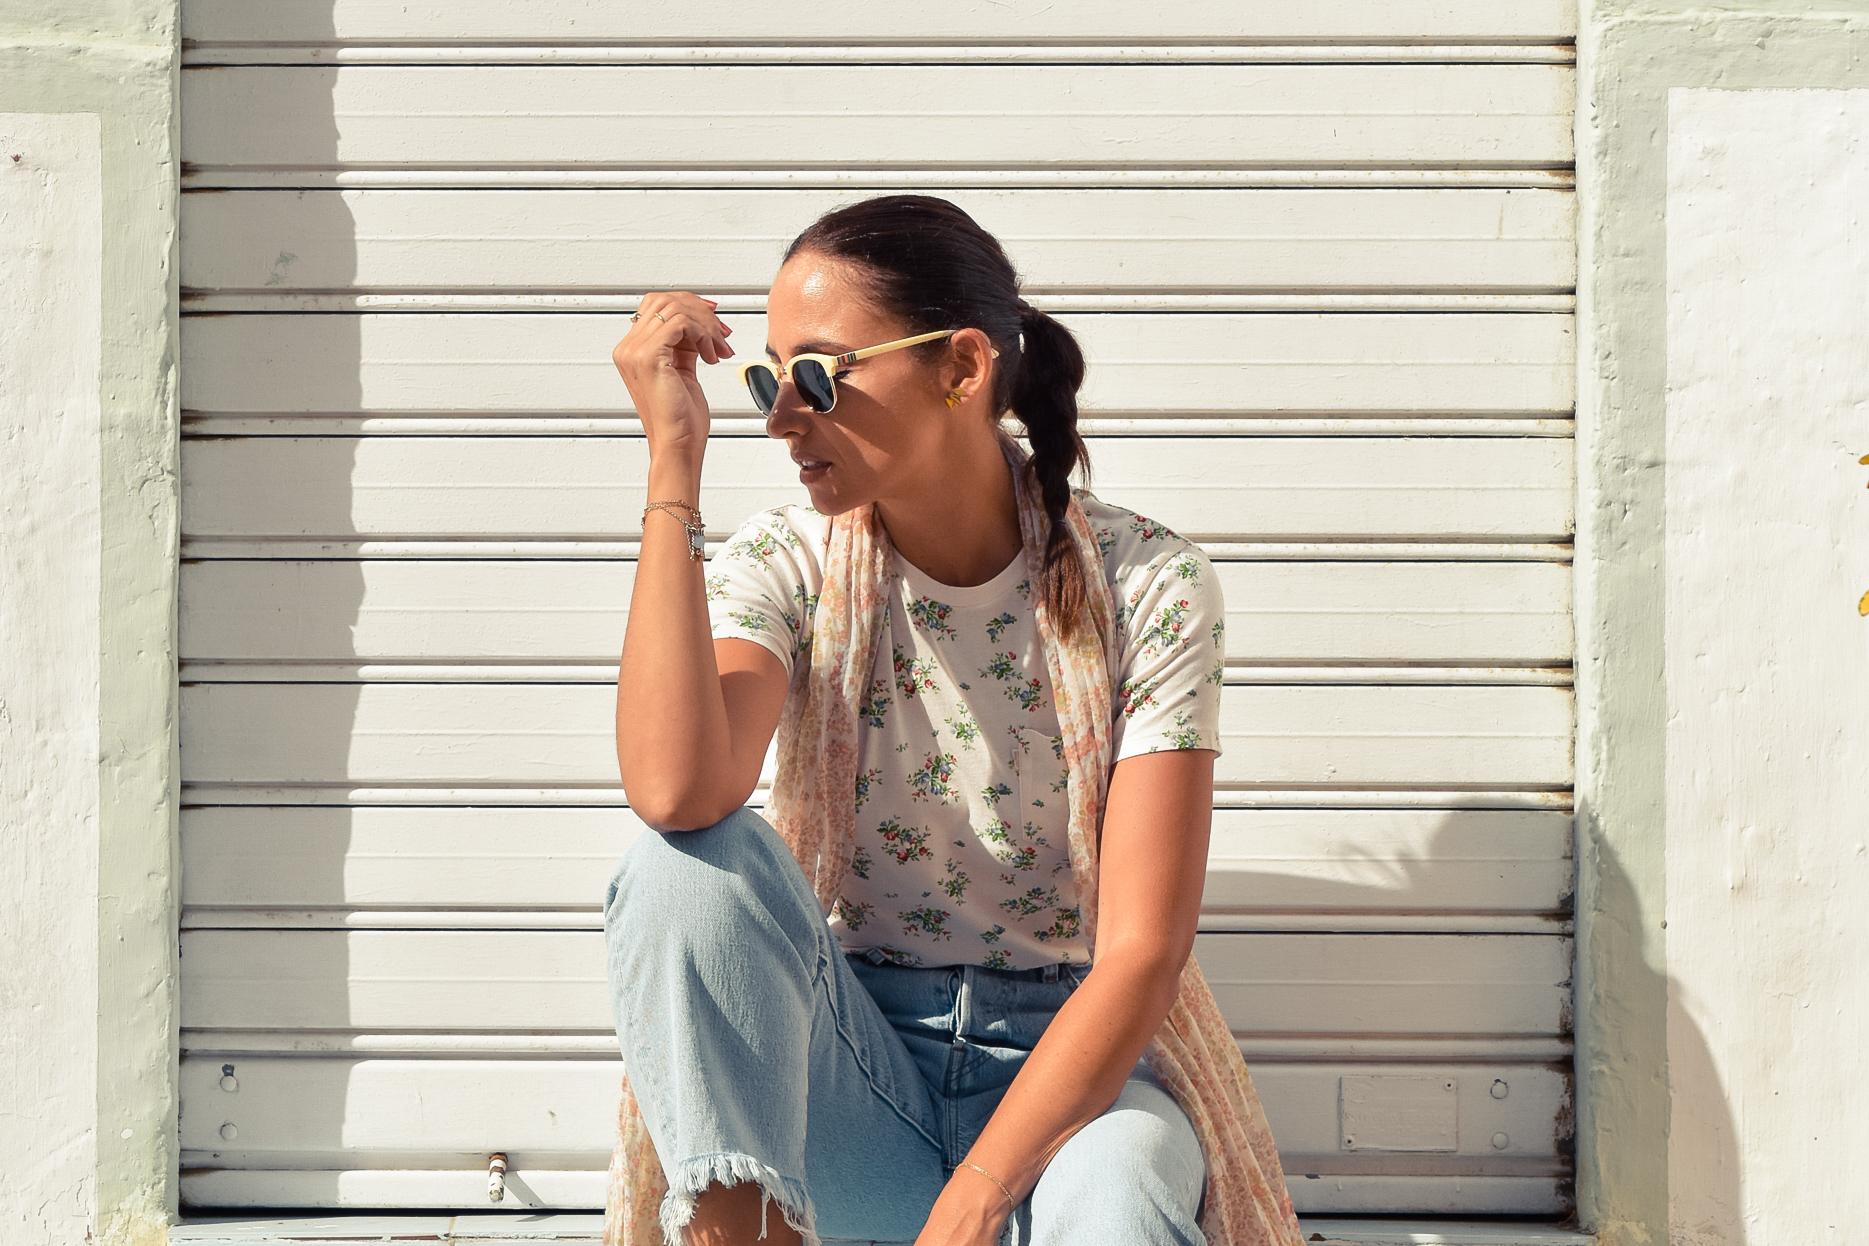 el-blog-de-silvia-look-verano-jeans-levis-camiseta-flores